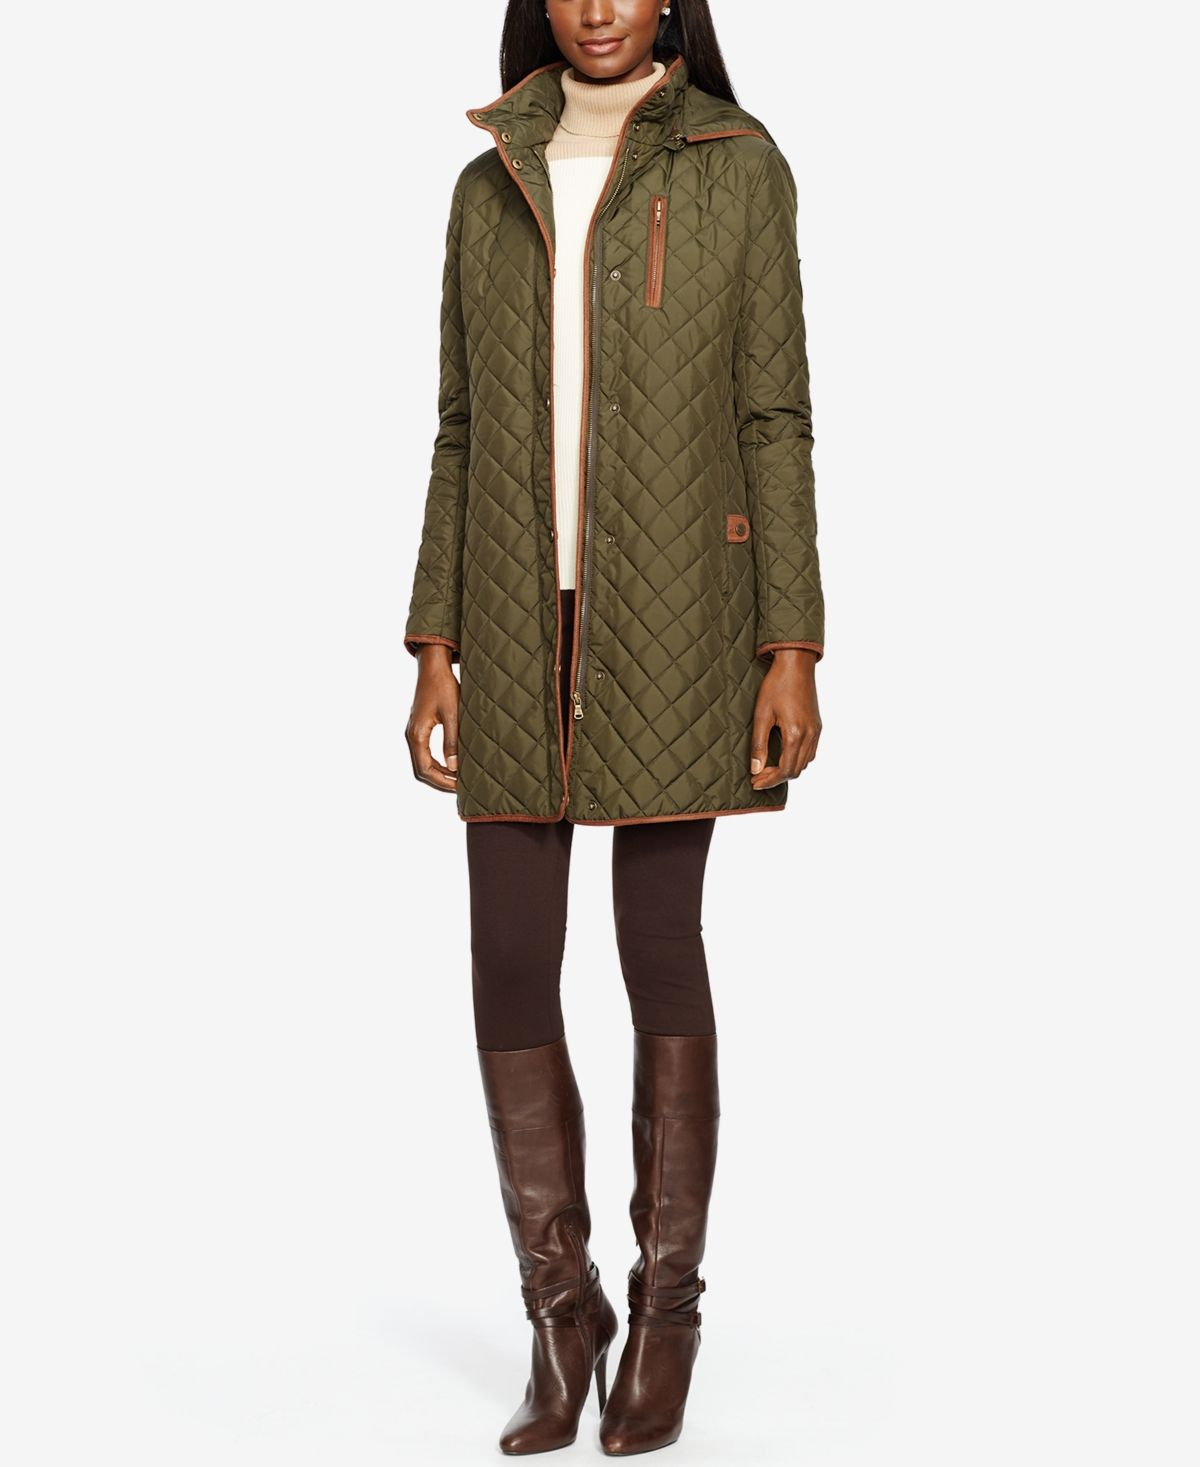 Lauren Ralph Lauren Icon Hooded Quilted Jacket Created For Macys Reviews Coats Women Macy S In 2020 Quilted Coat Coats For Women Quilted Jacket